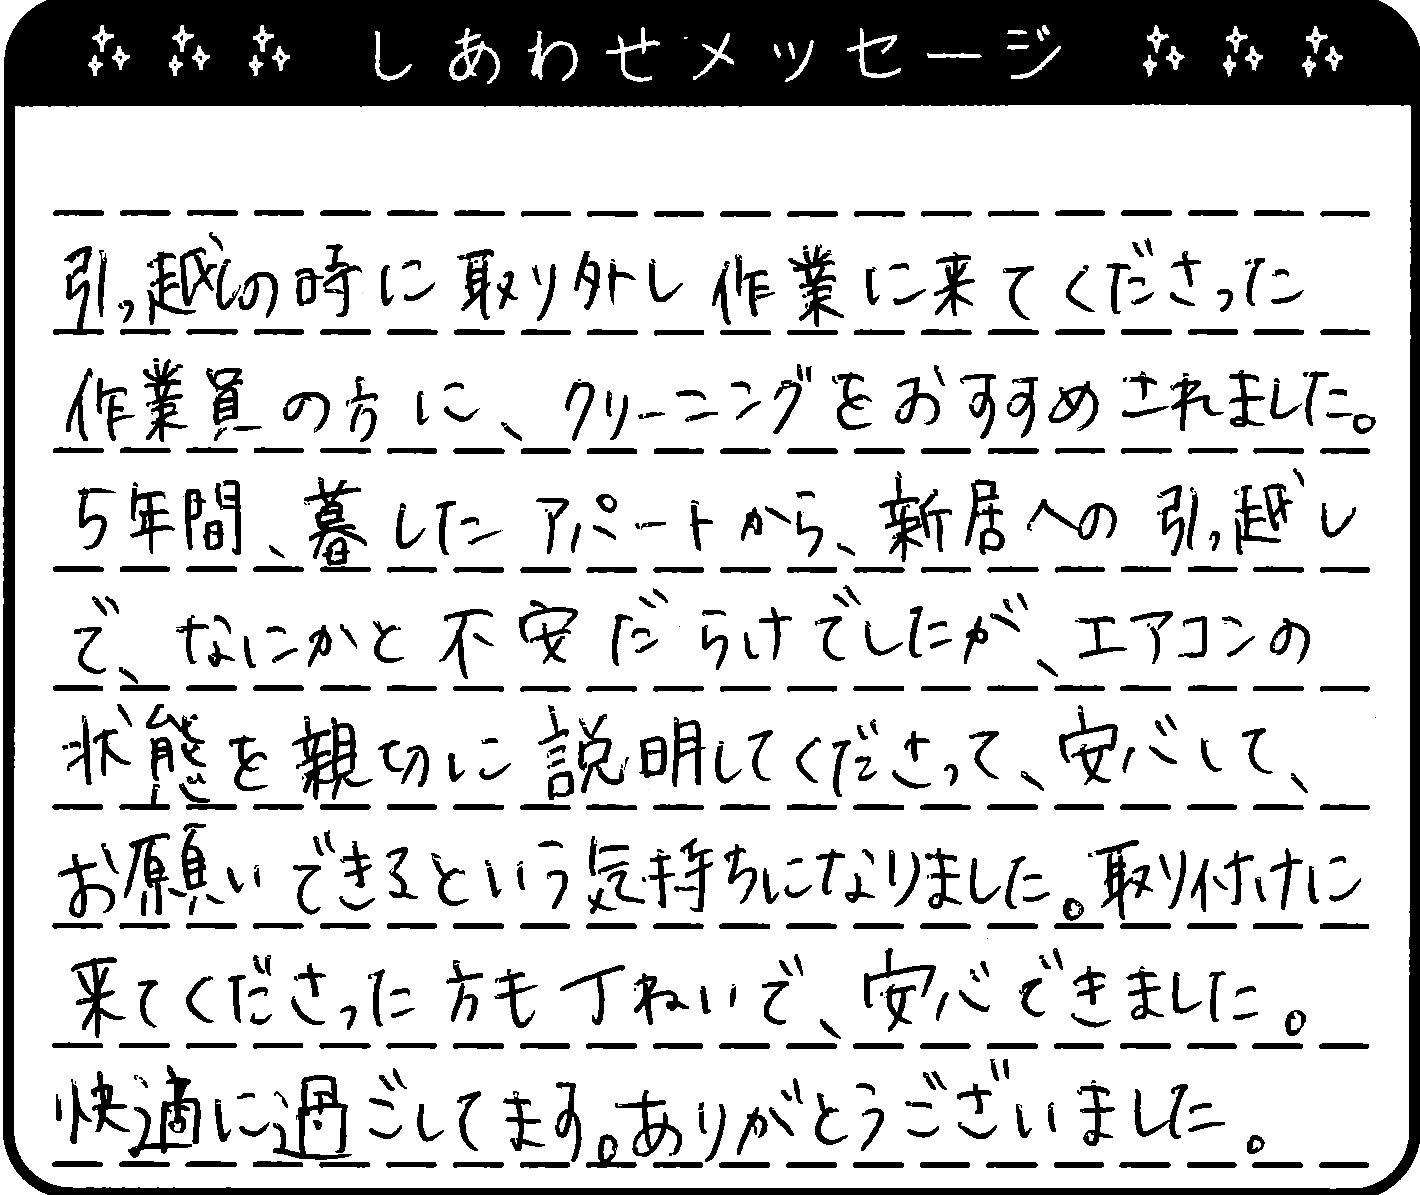 岡山県 K様からのしあわせメッセージ